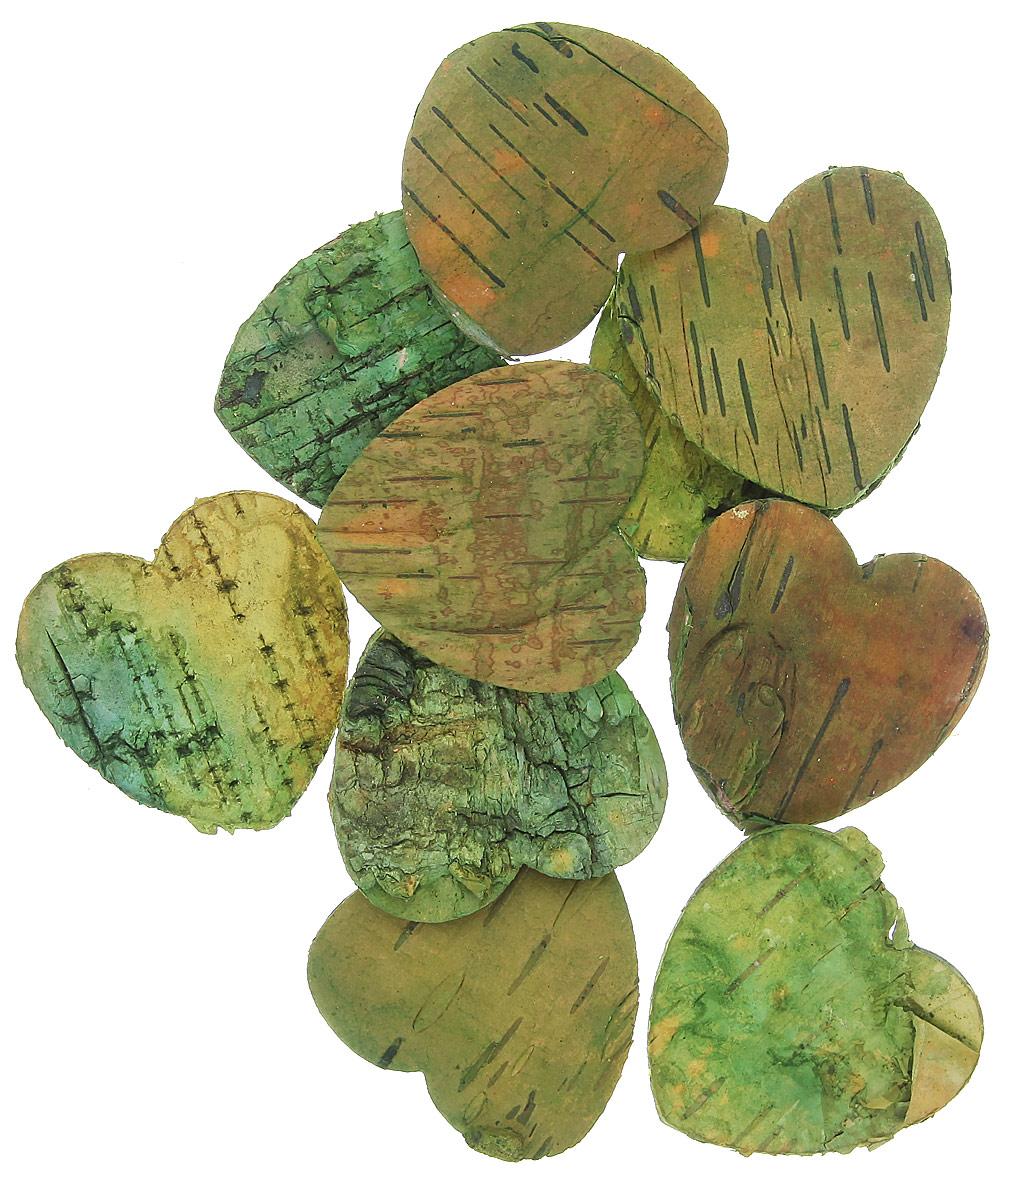 Декоративный элемент Dongjiang Art Сердце, цвет: зеленый, 10 шт7709004_зеленыйДекоративный элемент Dongjiang Art Сердце, изготовленный из натуральной коры дерева, предназначен для украшения цветочных композиций. Изделие можно также использовать в технике скрапбукинг и многом другом. Флористика - вид декоративно-прикладного искусства, который использует живые, засушенные или консервированные природные материалы для создания флористических работ. Это целый мир, в котором есть место и строгому математическому расчету, и вдохновению. Размер одного элемента: 5 см х 5 см.